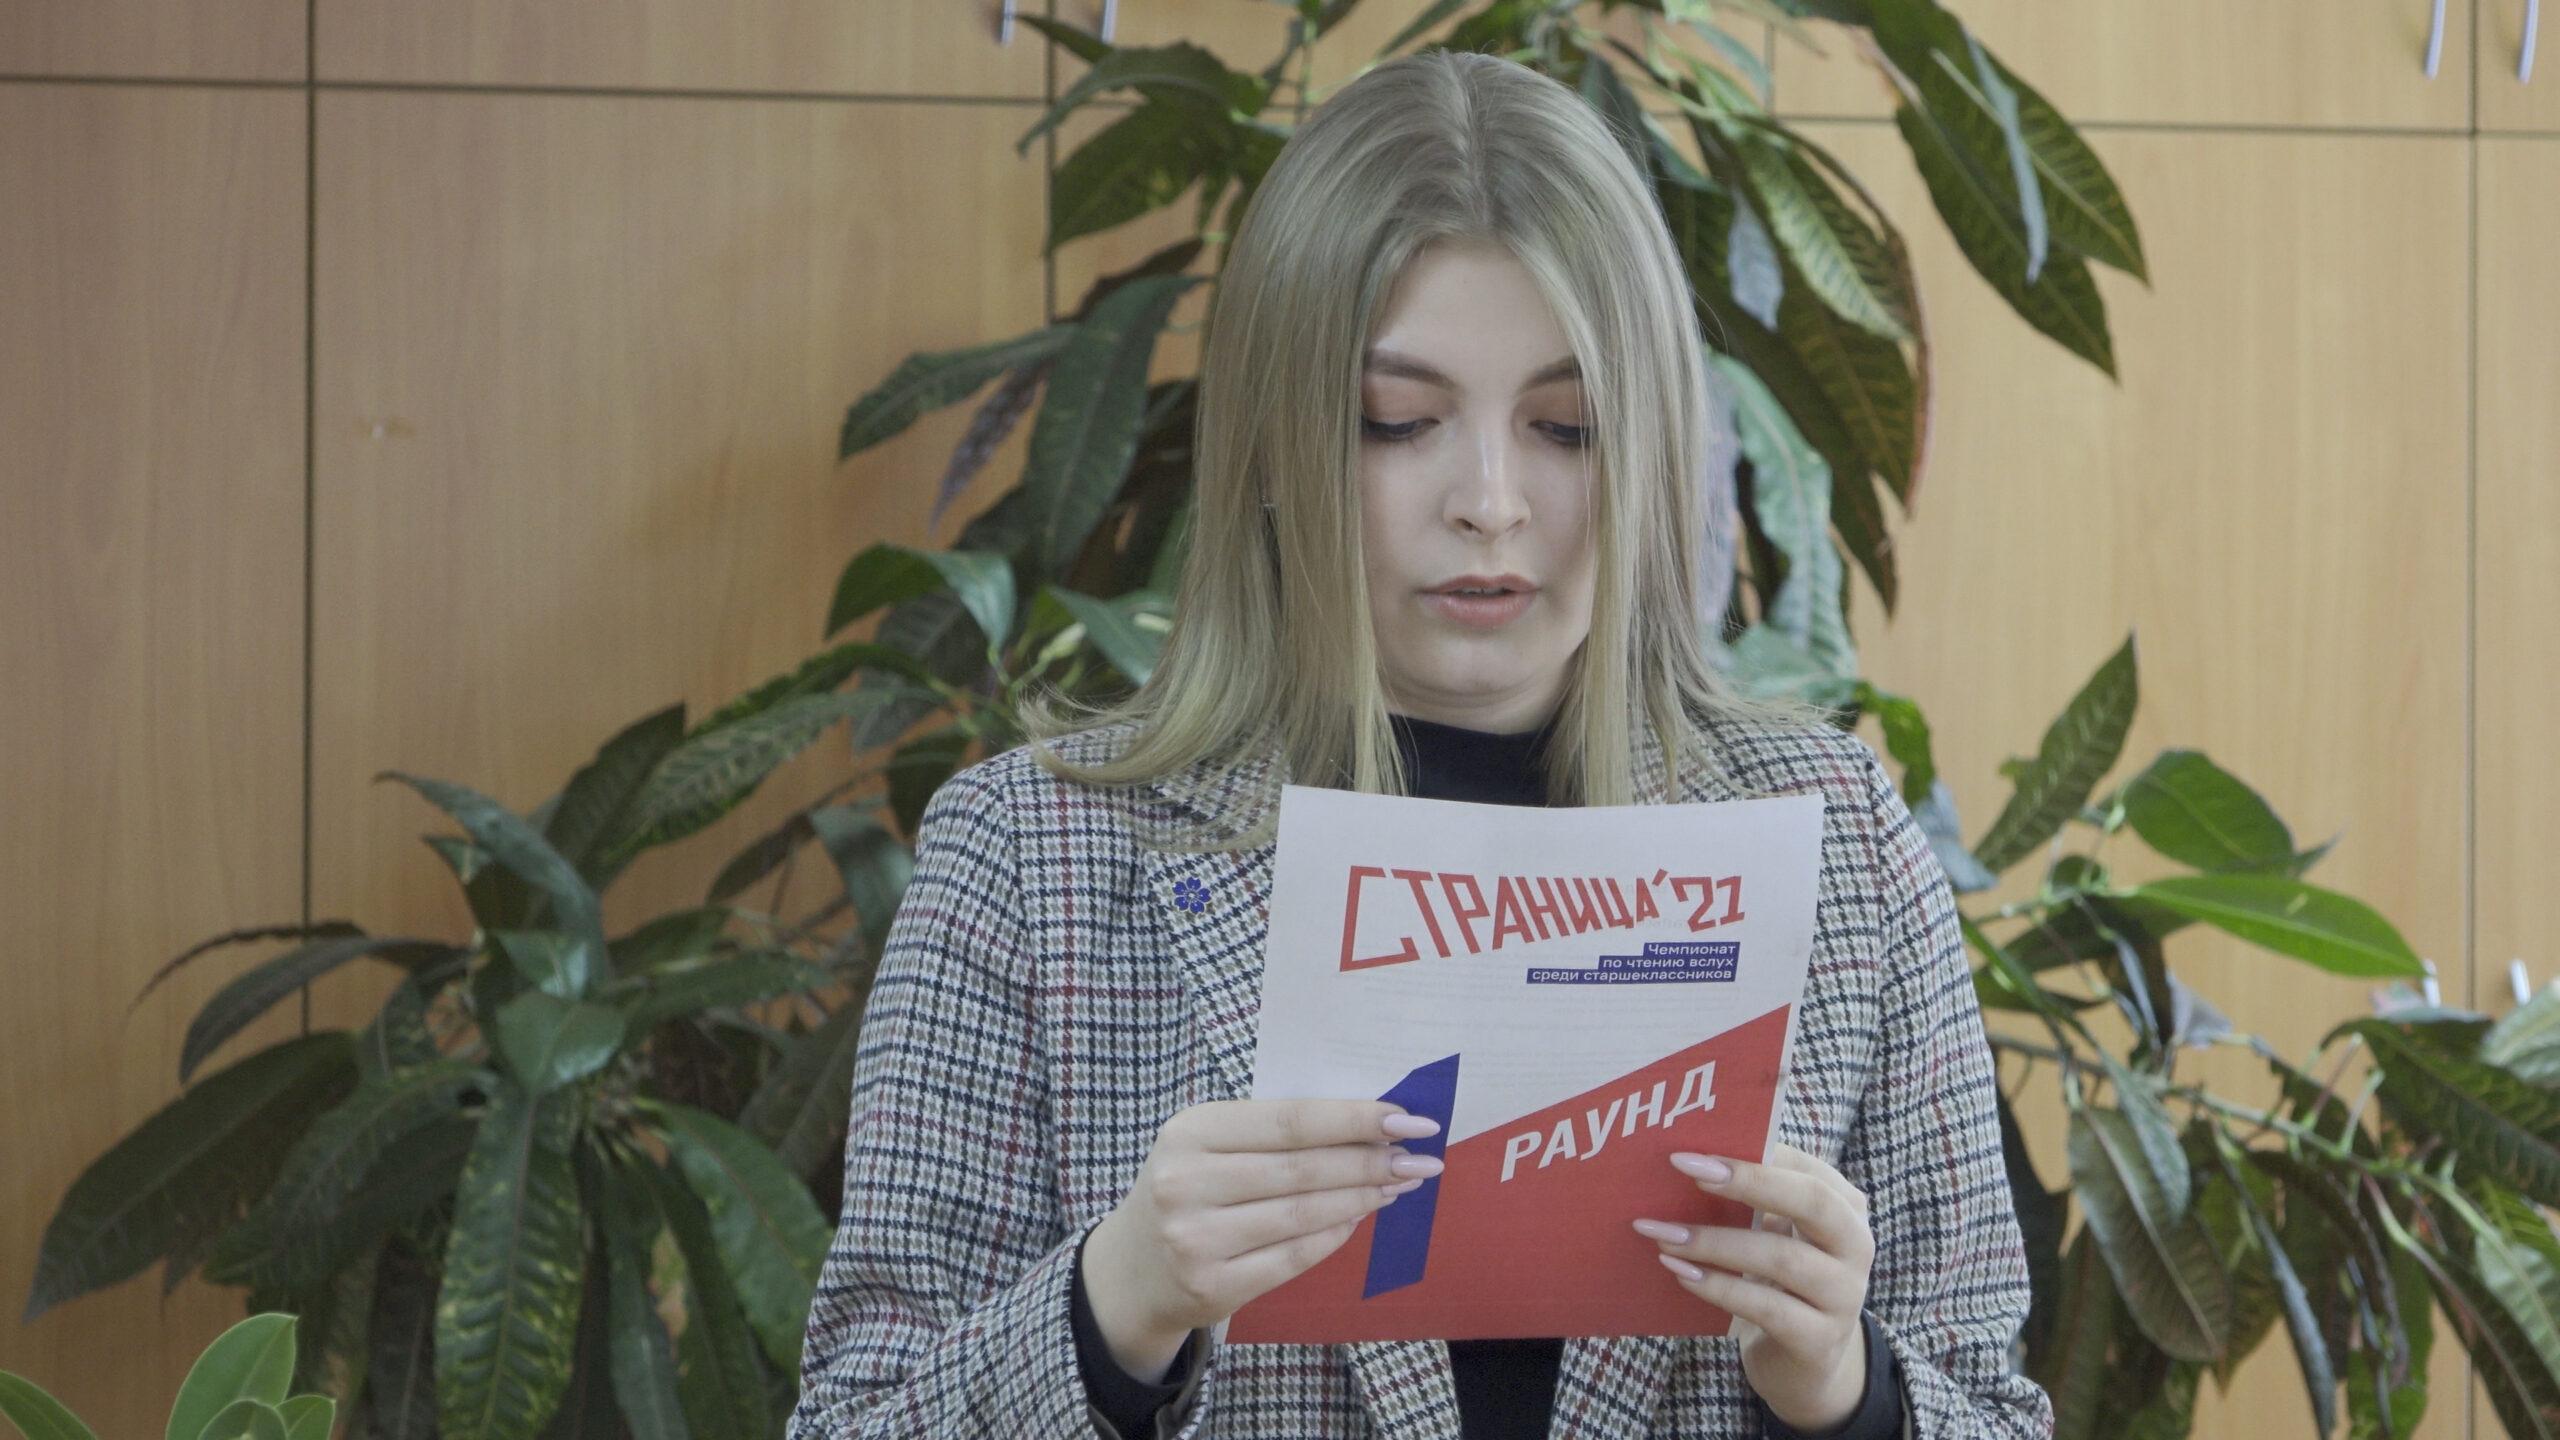 Чемпионат по чтению вслух среди старшеклассников «Страница'21» стартовал в Новосибирске